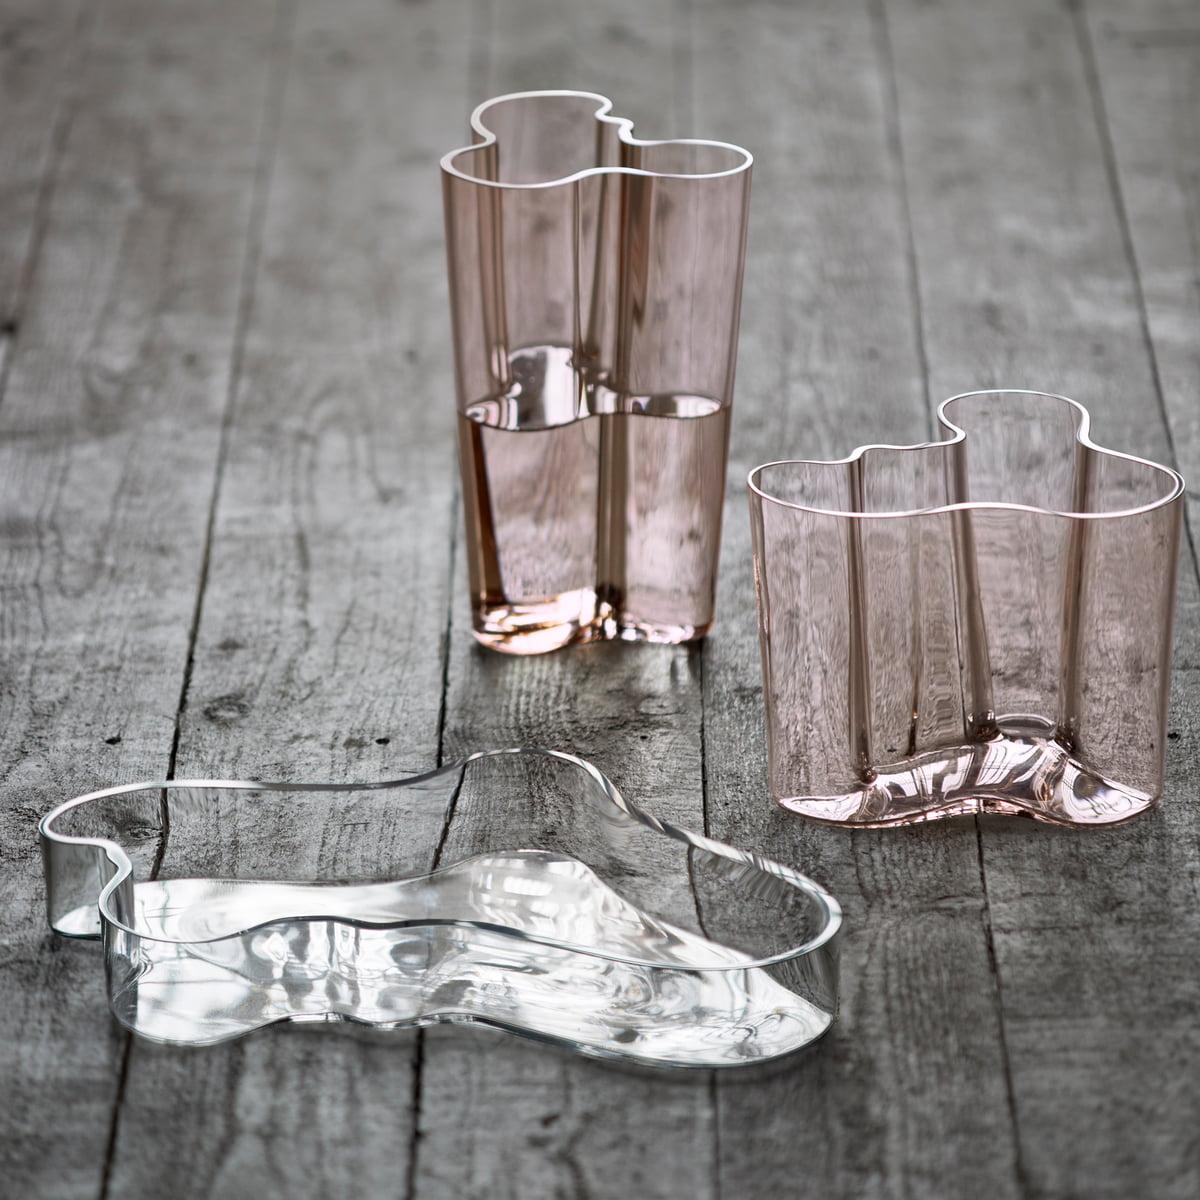 aalto vase savoy mm from iittala -